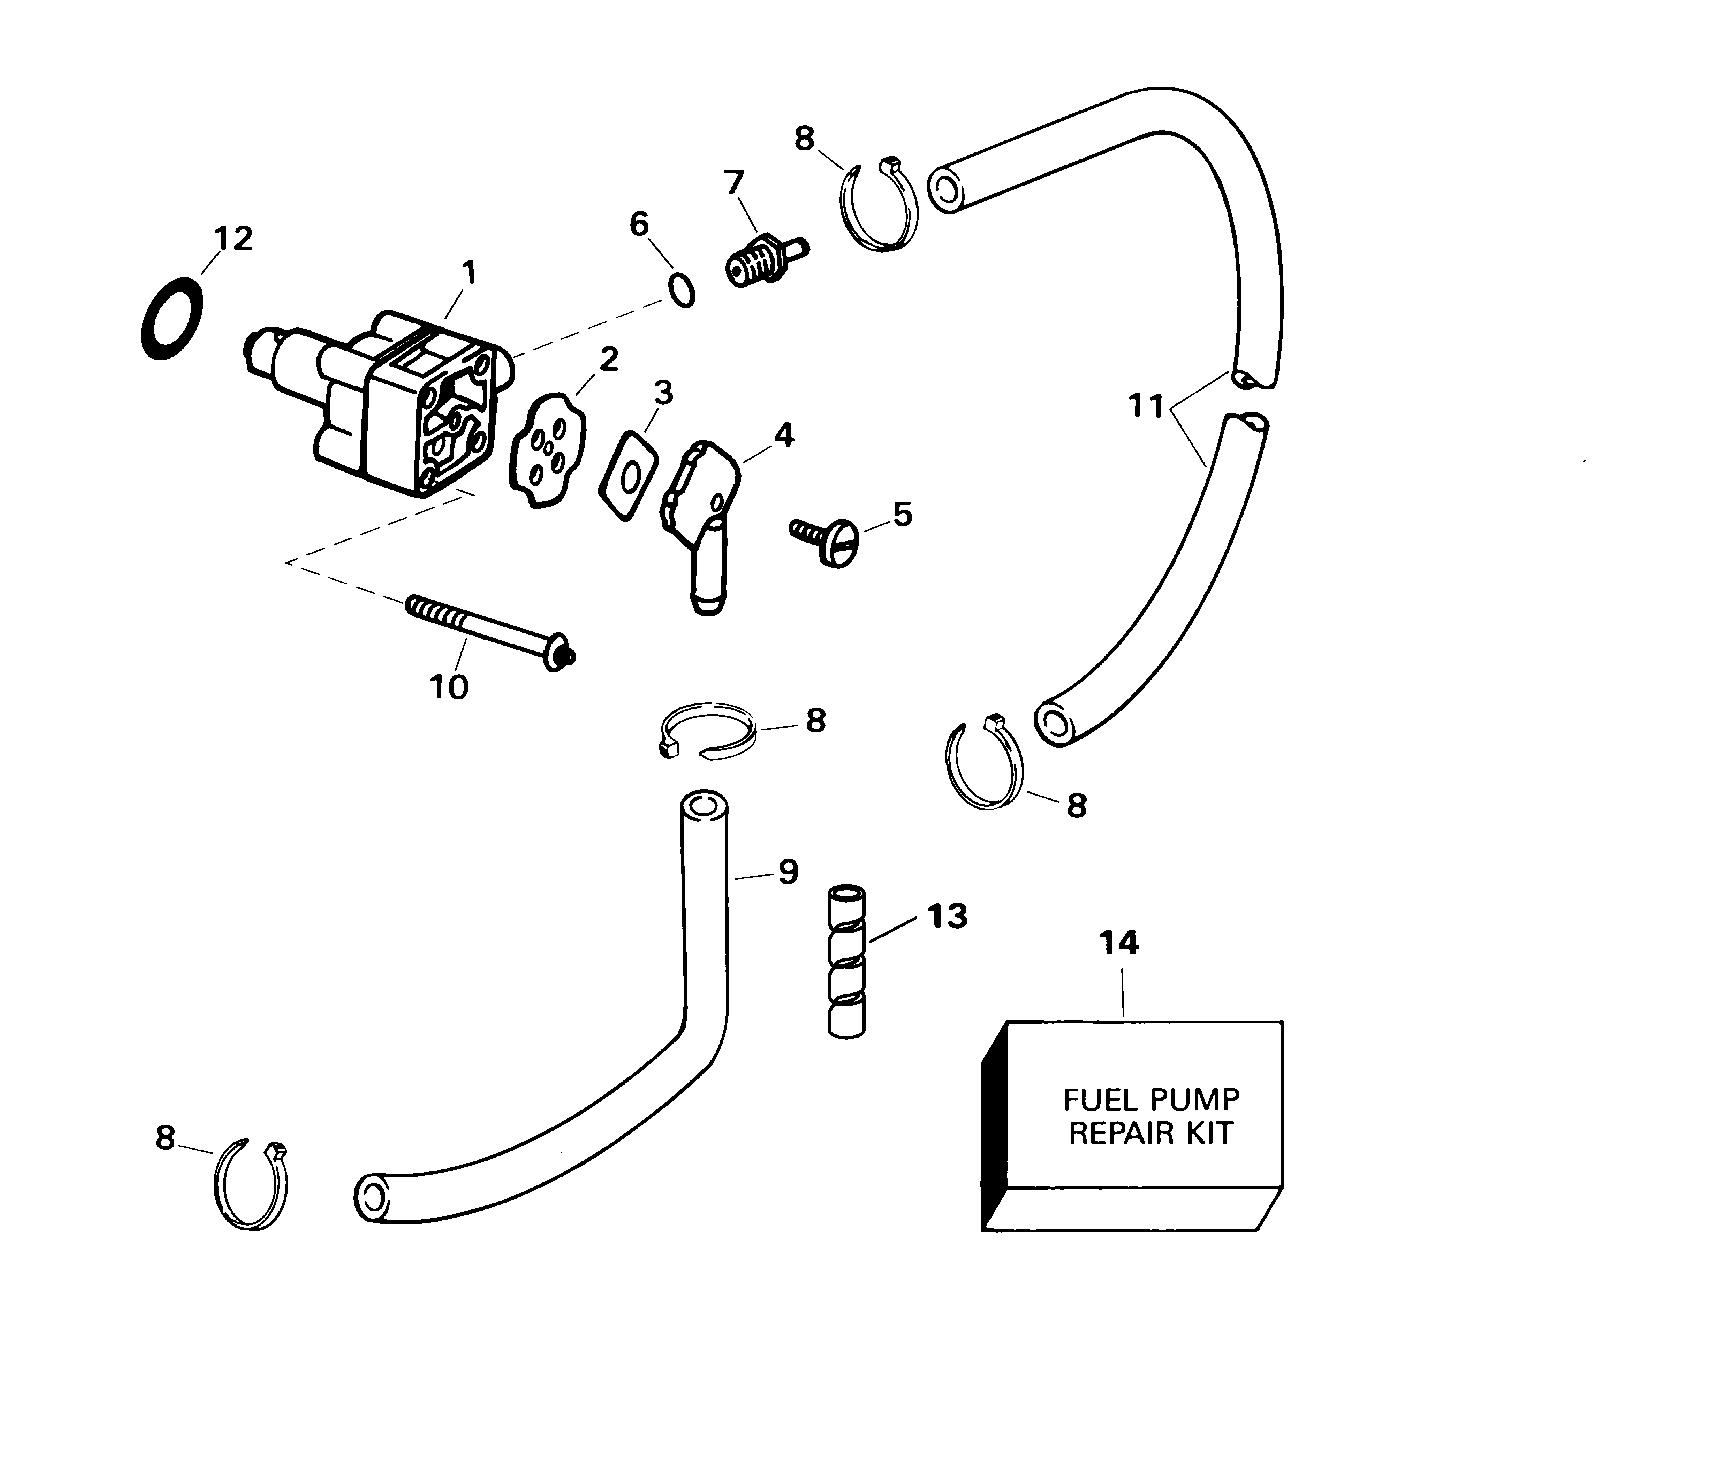 Omc Fuel Pump Diagram Wiring Schematics Johnson Ignition 15 Brp Evinrude En 2000